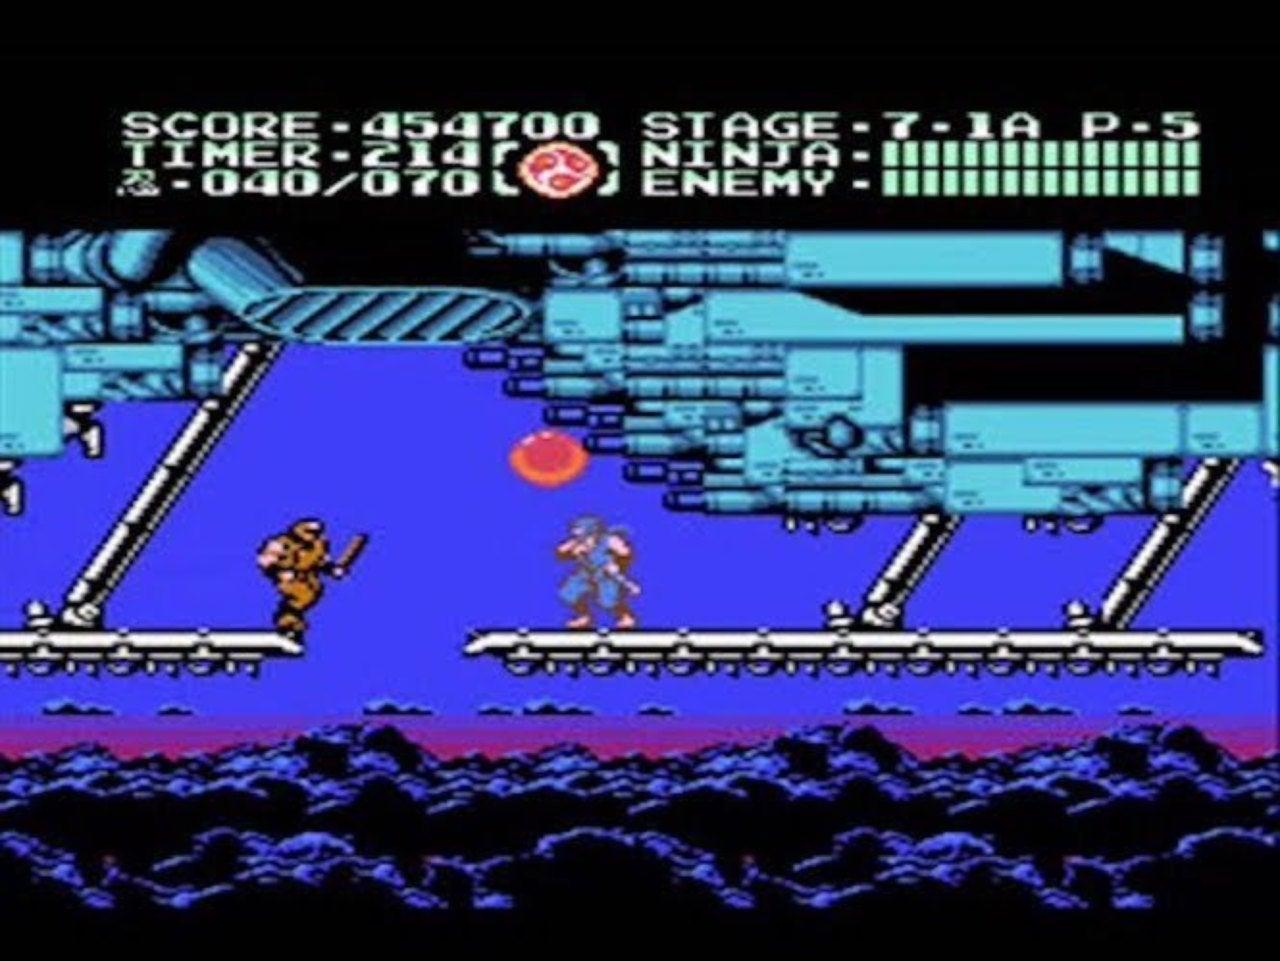 Ninja Gaiden Other Nes Classics Confirmed For Nintendo Switch